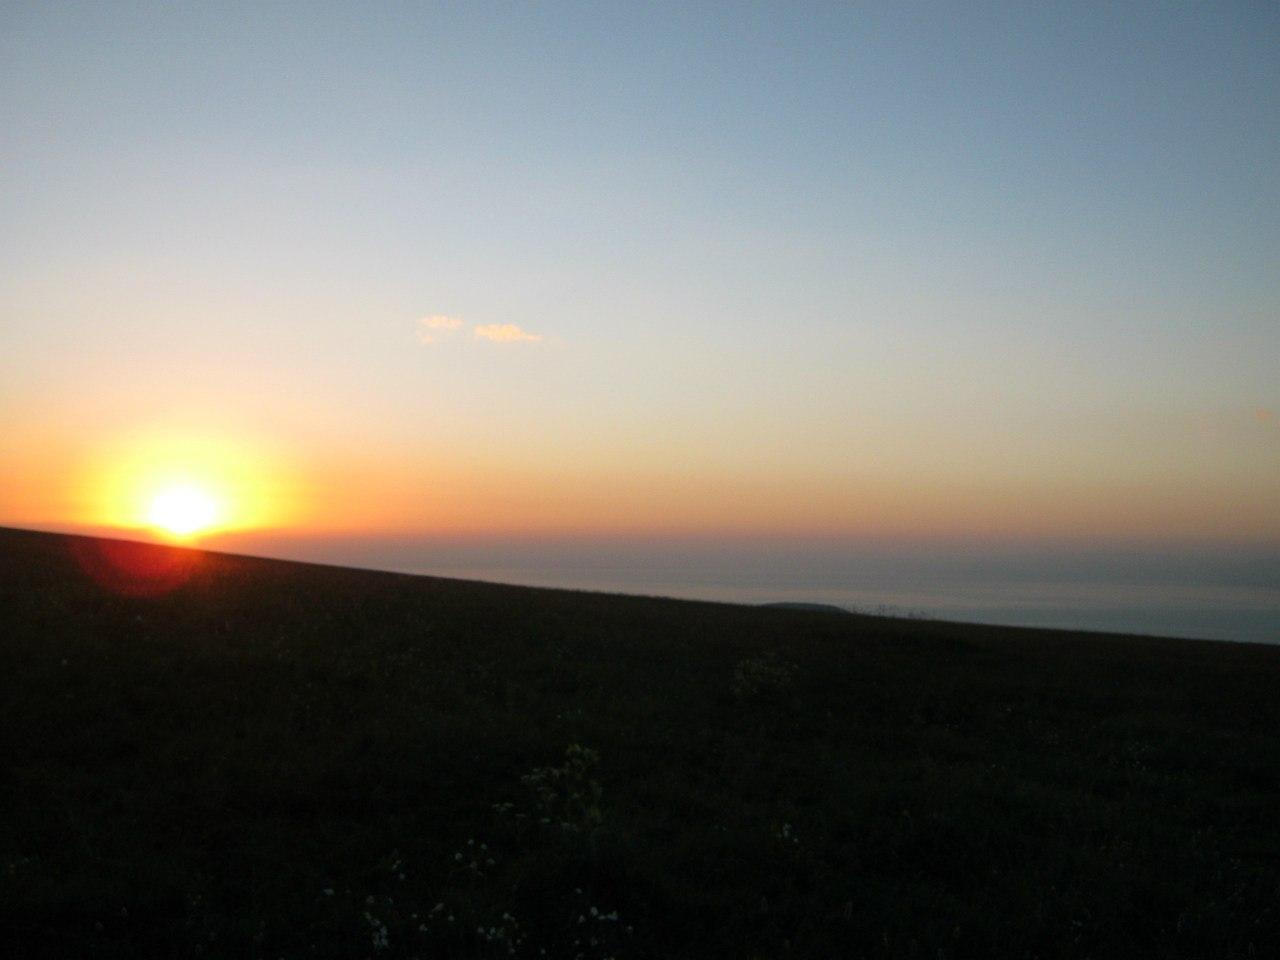 Закат солнца над озером Севан